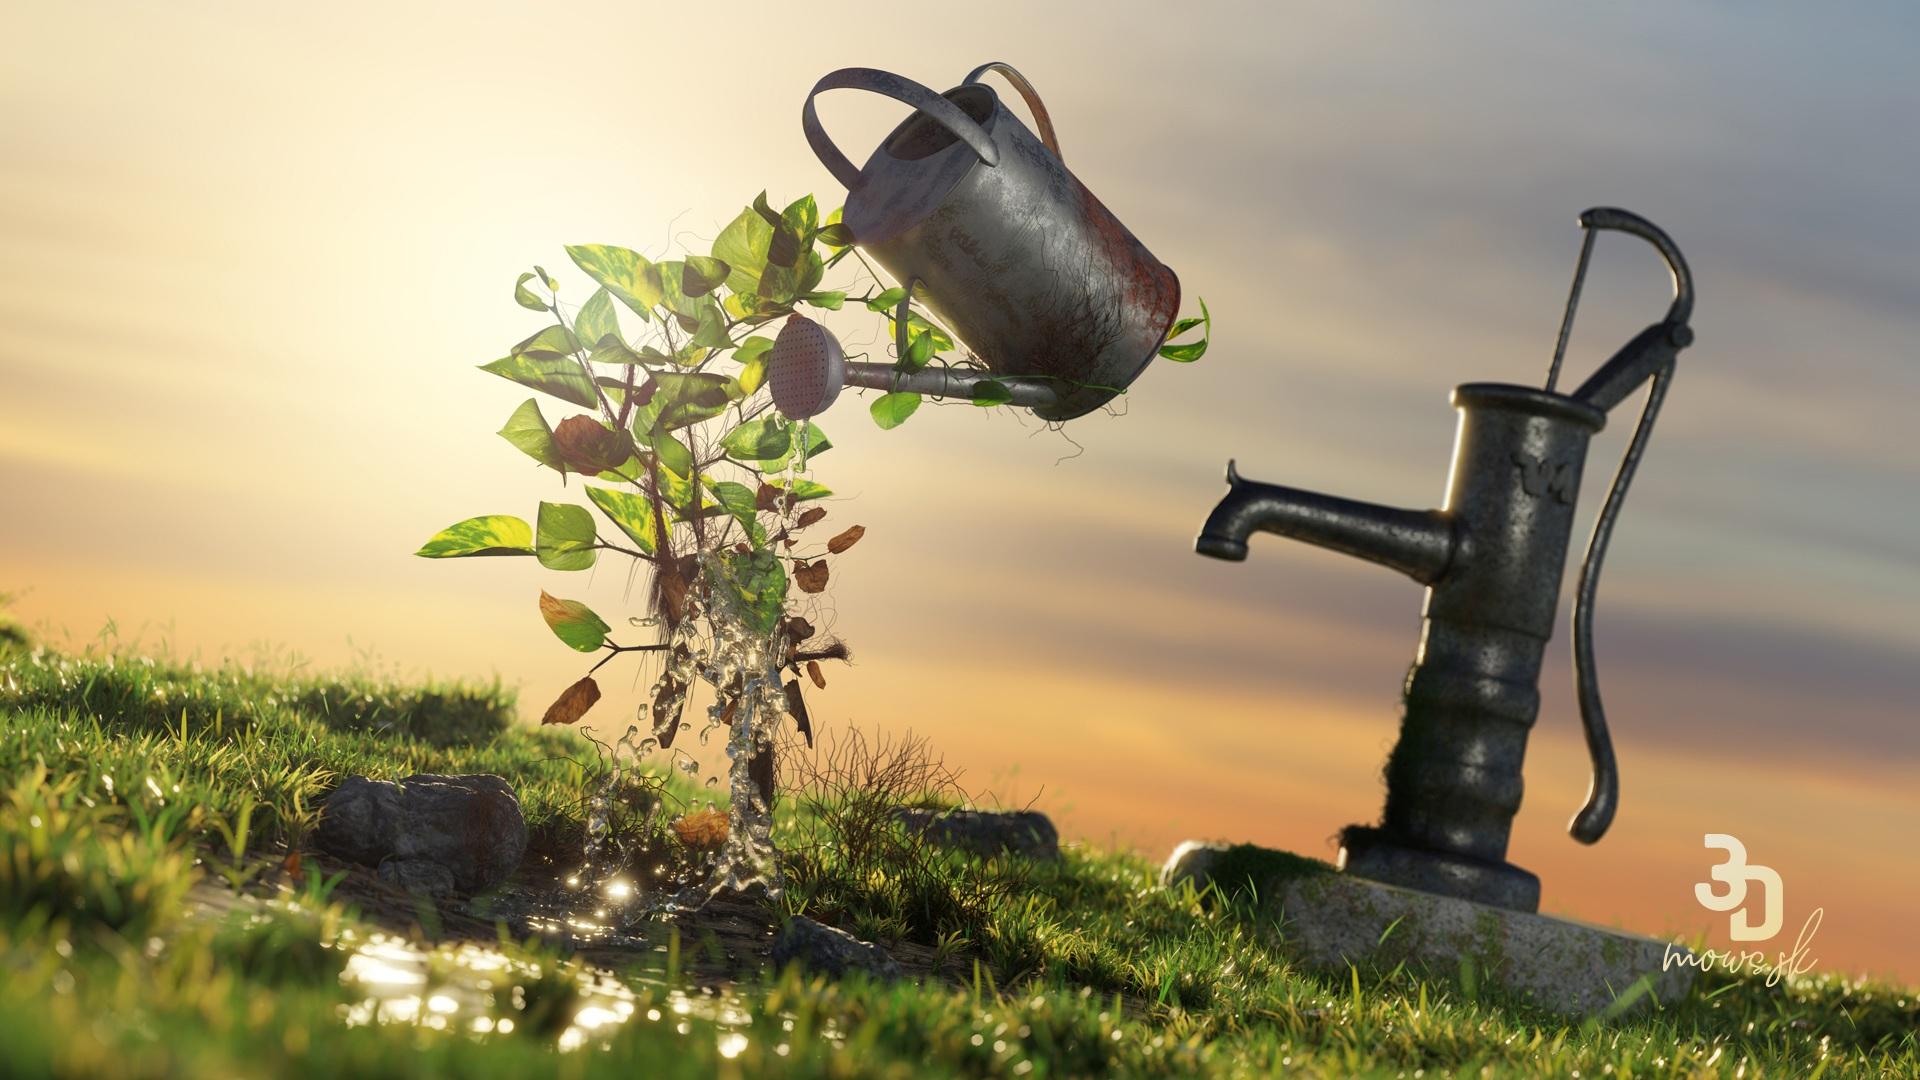 Rastlina Potosovec zlatý, krhla s vodou a záhradná pupma